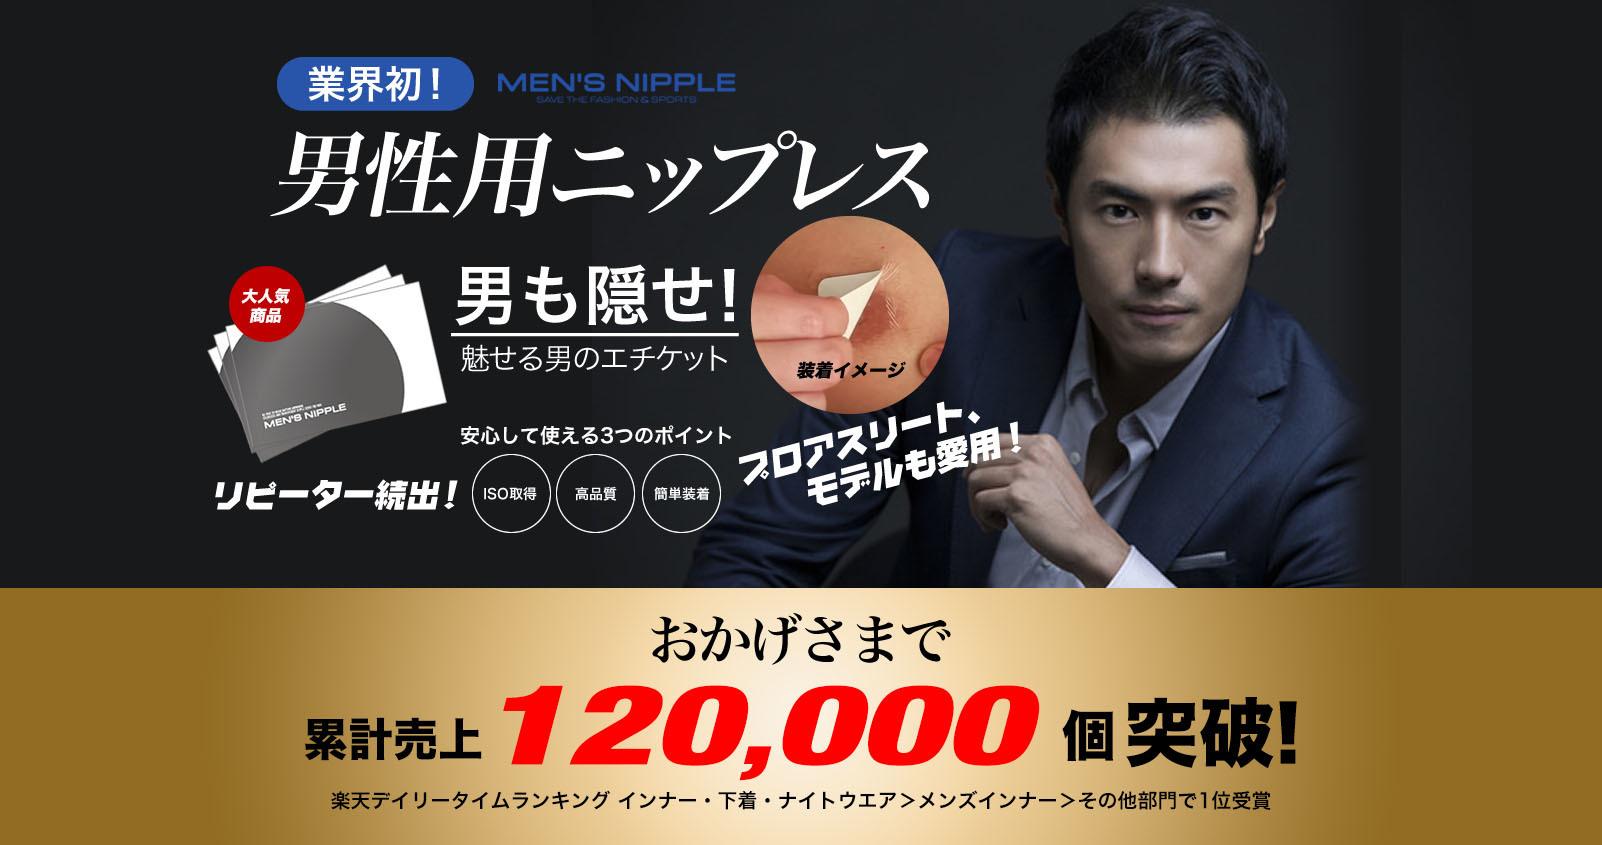 【部門売上1位】ネットで12万個売れた! できる男の必需品『MEN'S NIPPLE』 Tシャツをスマートに着こなすメンズ専用 ニップレスシールがこの夏 オフラインで手に取れる